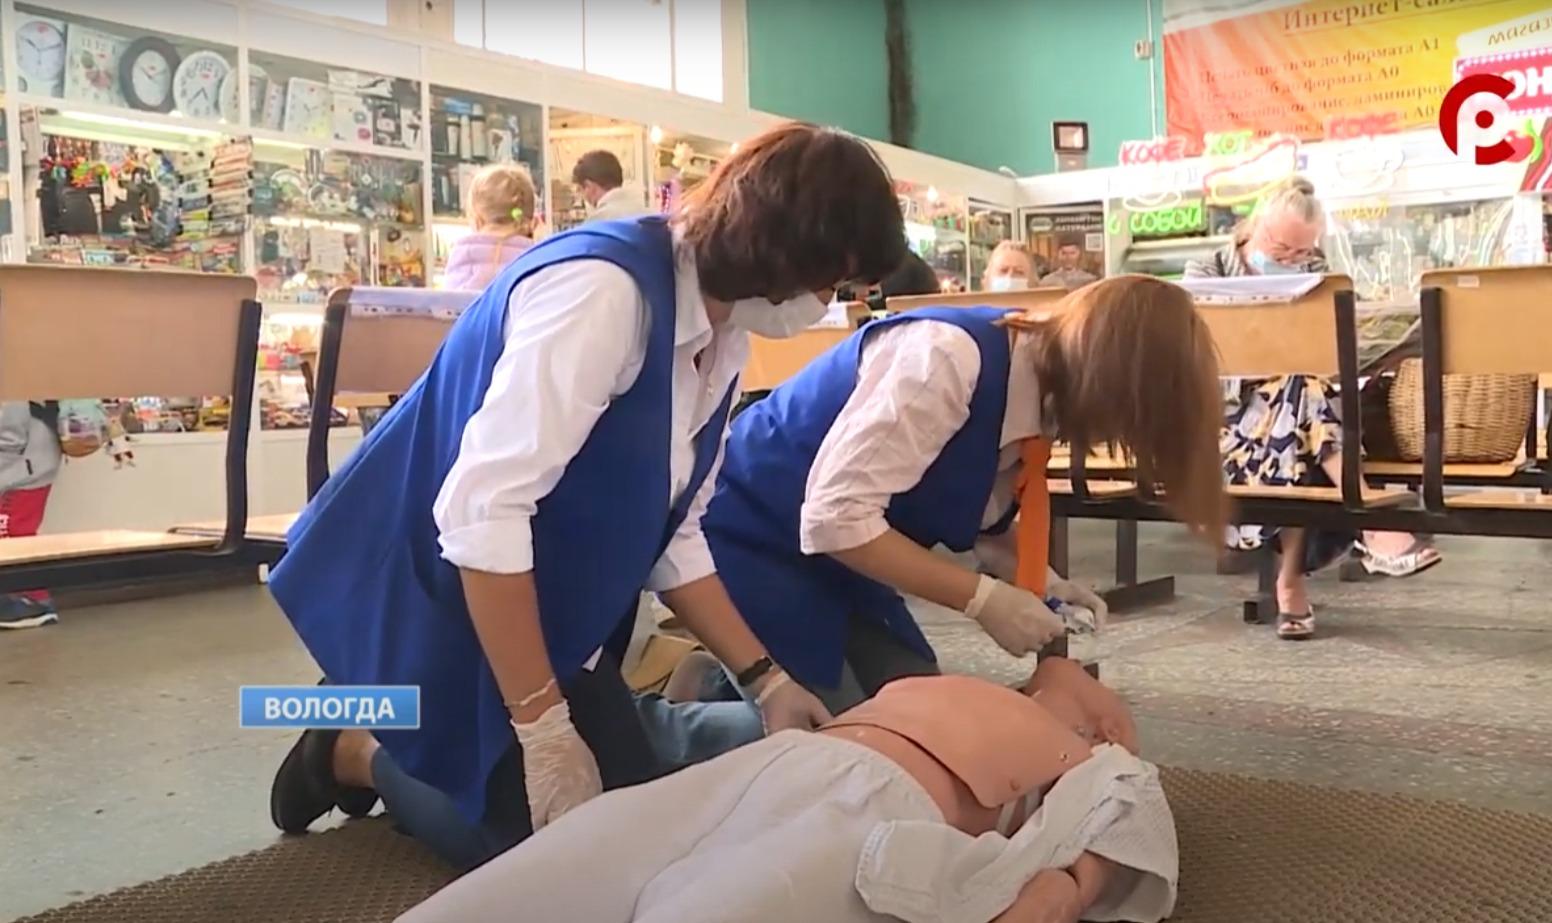 По легенде учений, пассажир на автовокзале потерял сознание